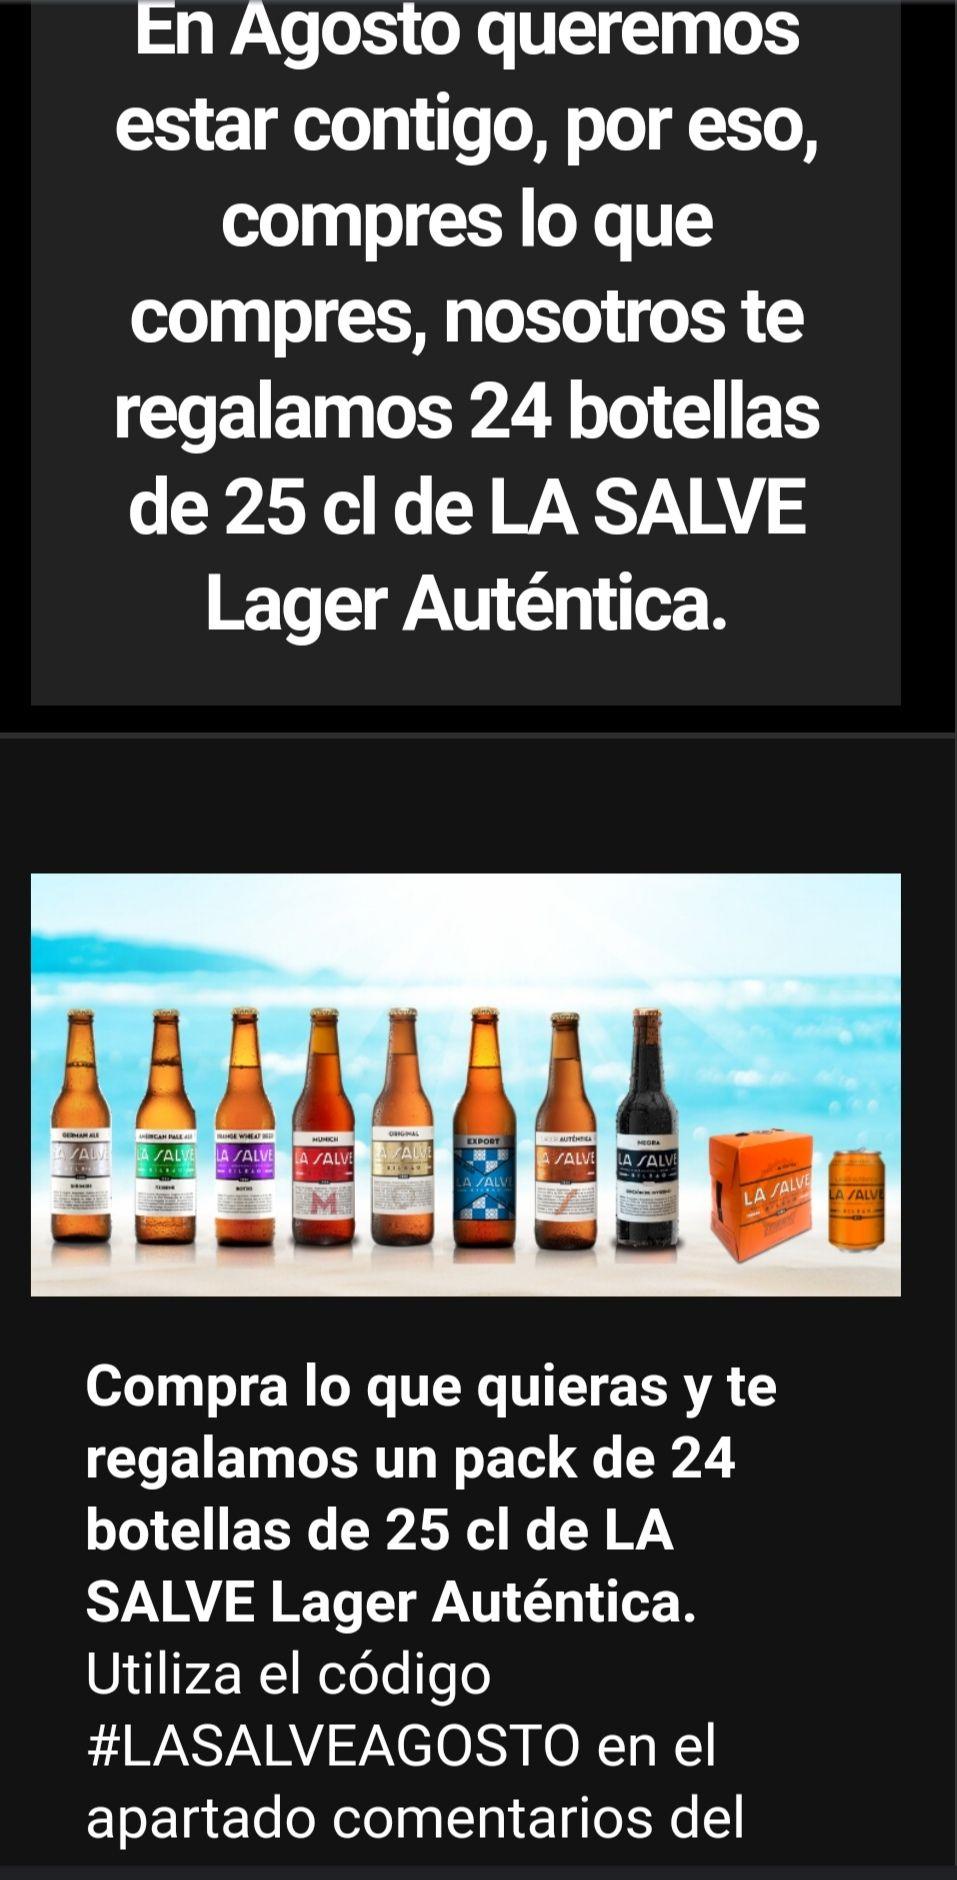 Regalan 24 botellas de 25 cl de cerveza LA SALVE Lager Auténtica, al hacer cualquier pedido.